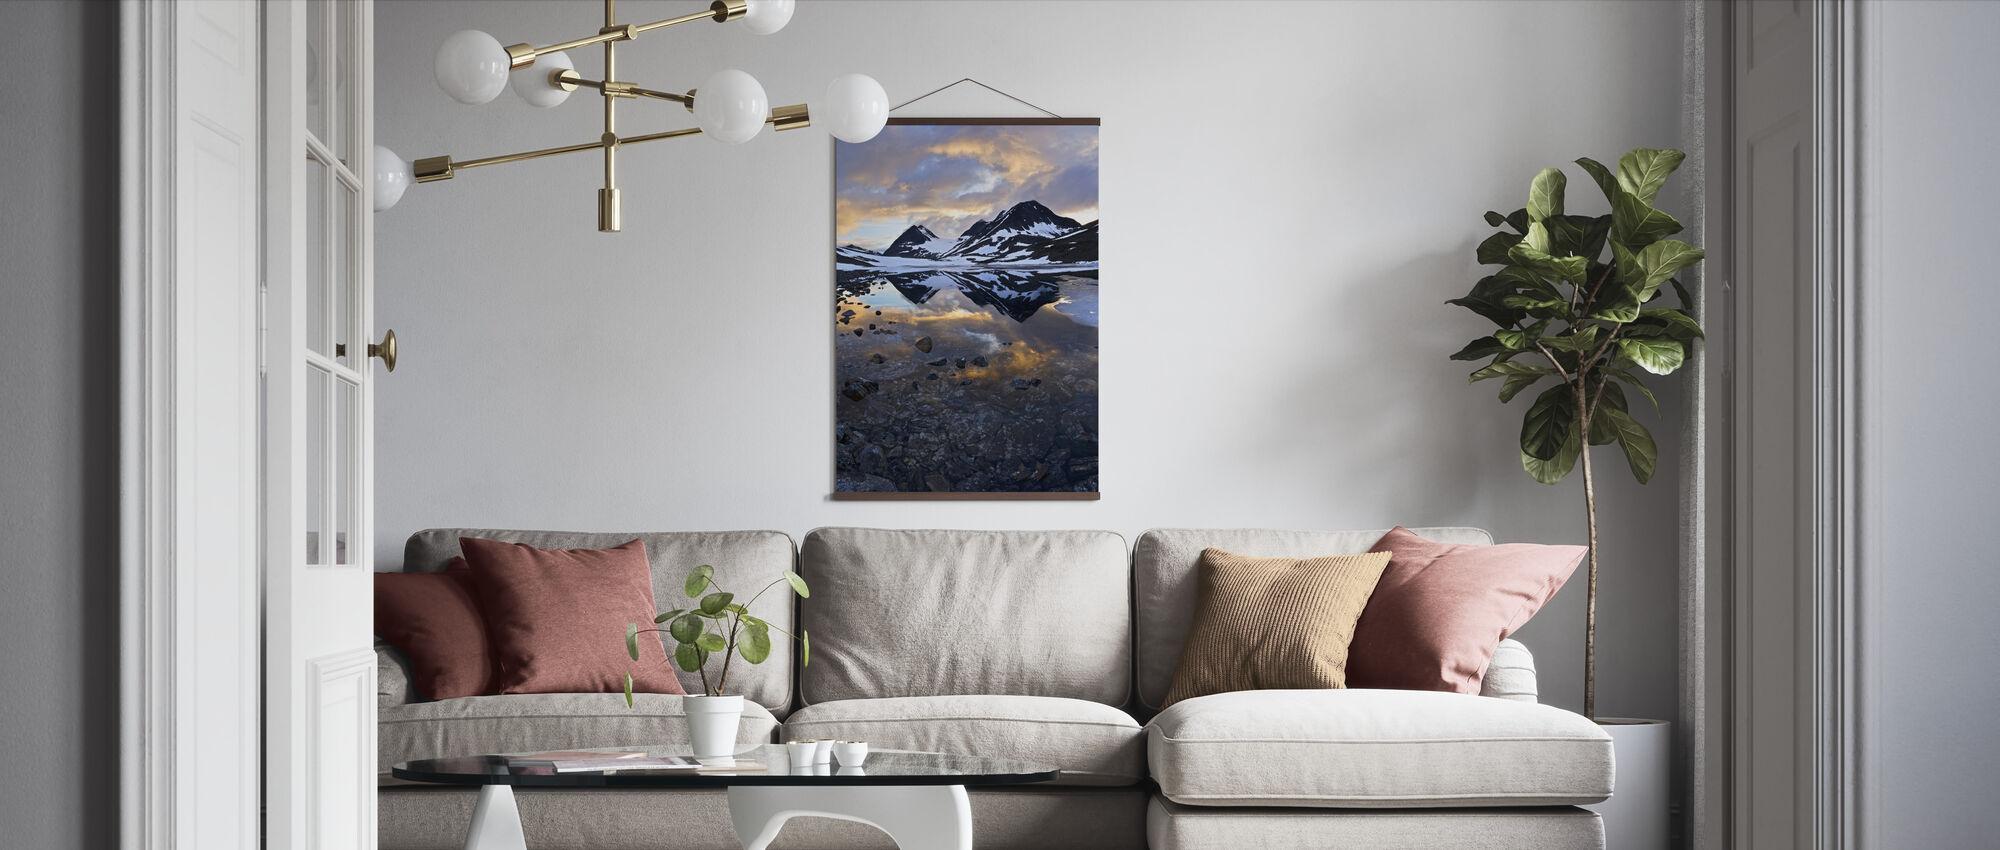 Nallojaure Landscape, Sweden - Poster - Living Room